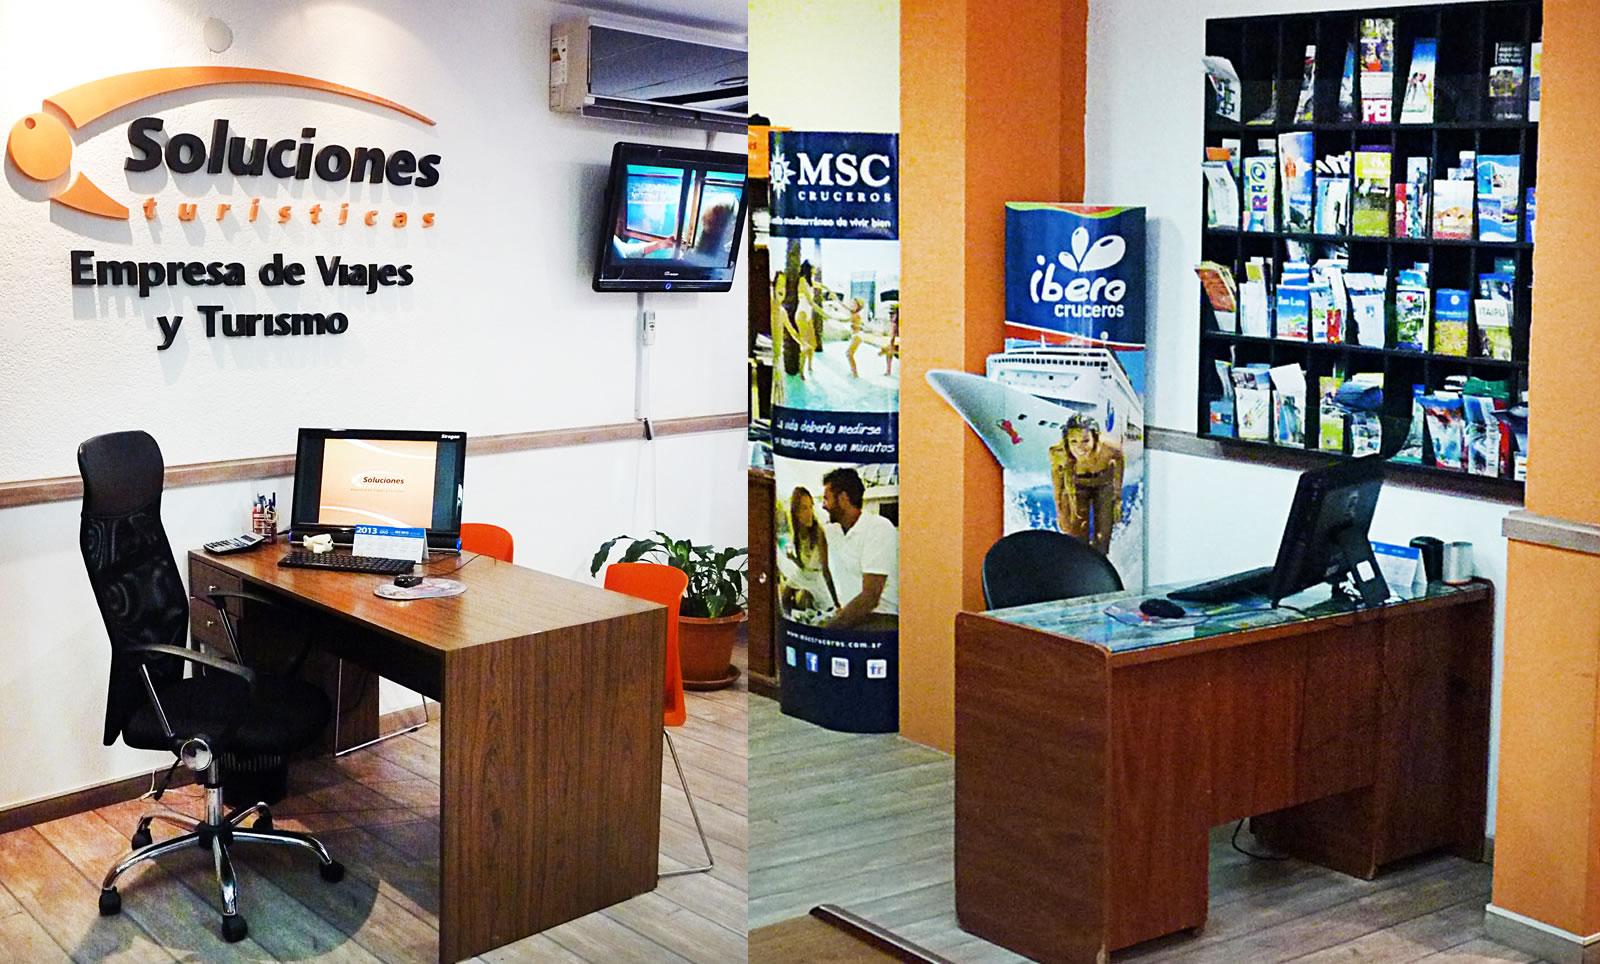 Oficina_interiores_soluciones_turisticas